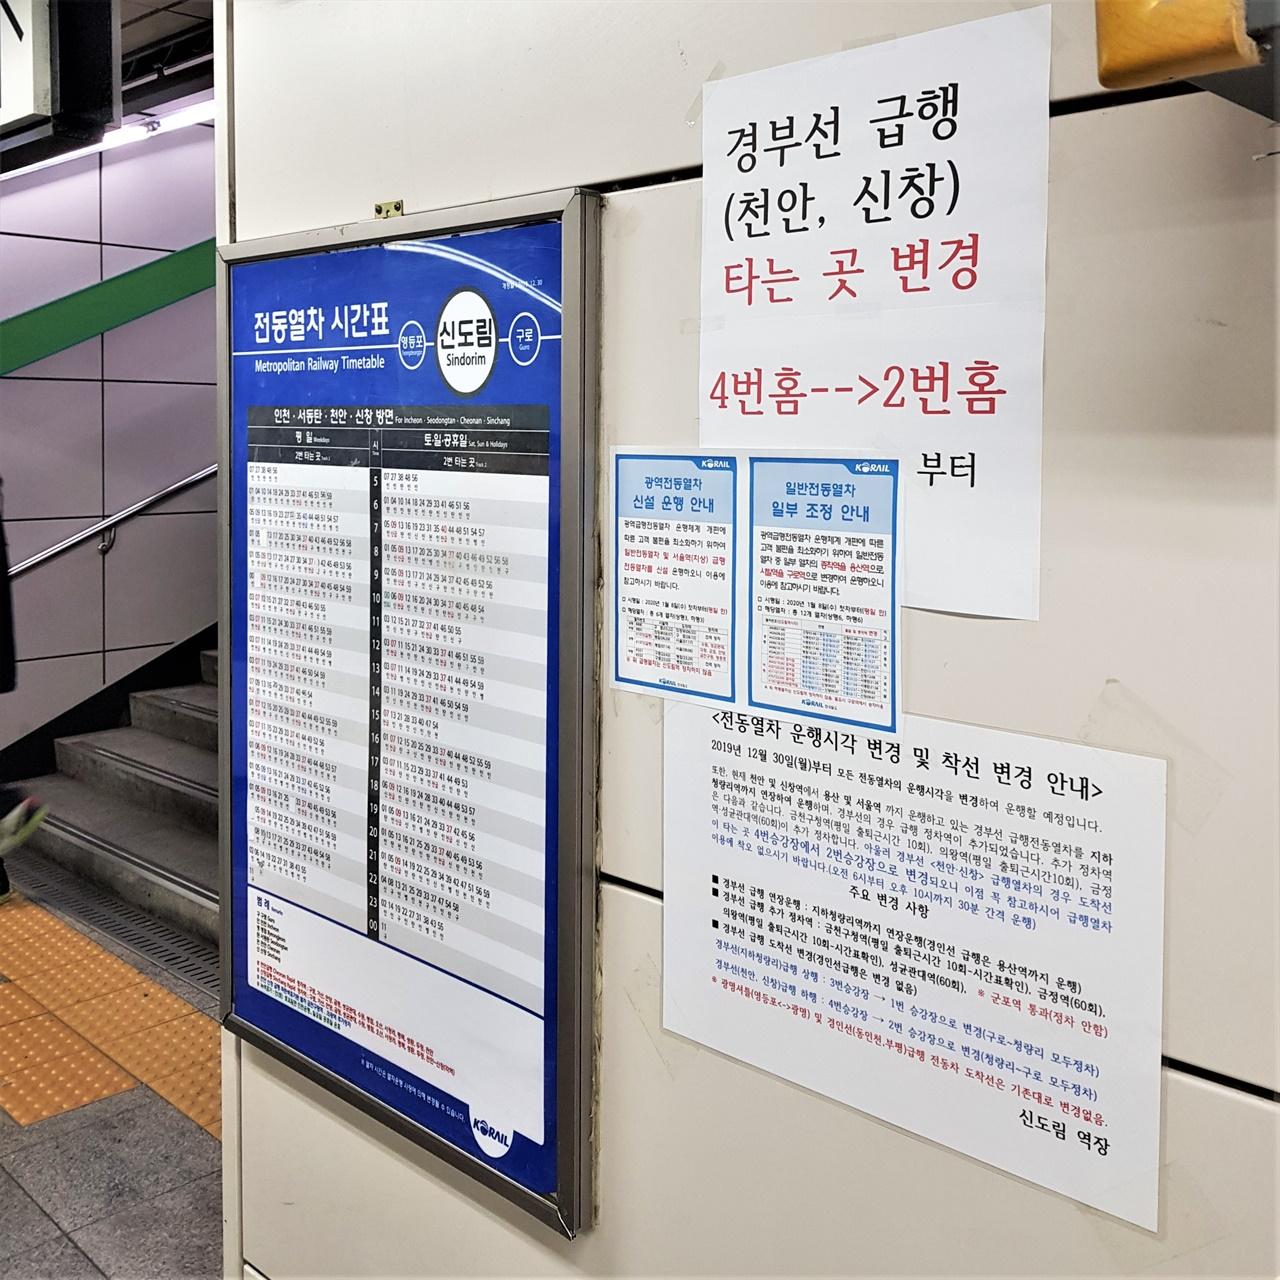 누더기가 되어버린 1호선 시간표. 서울 신도림역에 붙은 1호선 시간표 위에 여러 안내가 덧붙어 있다.